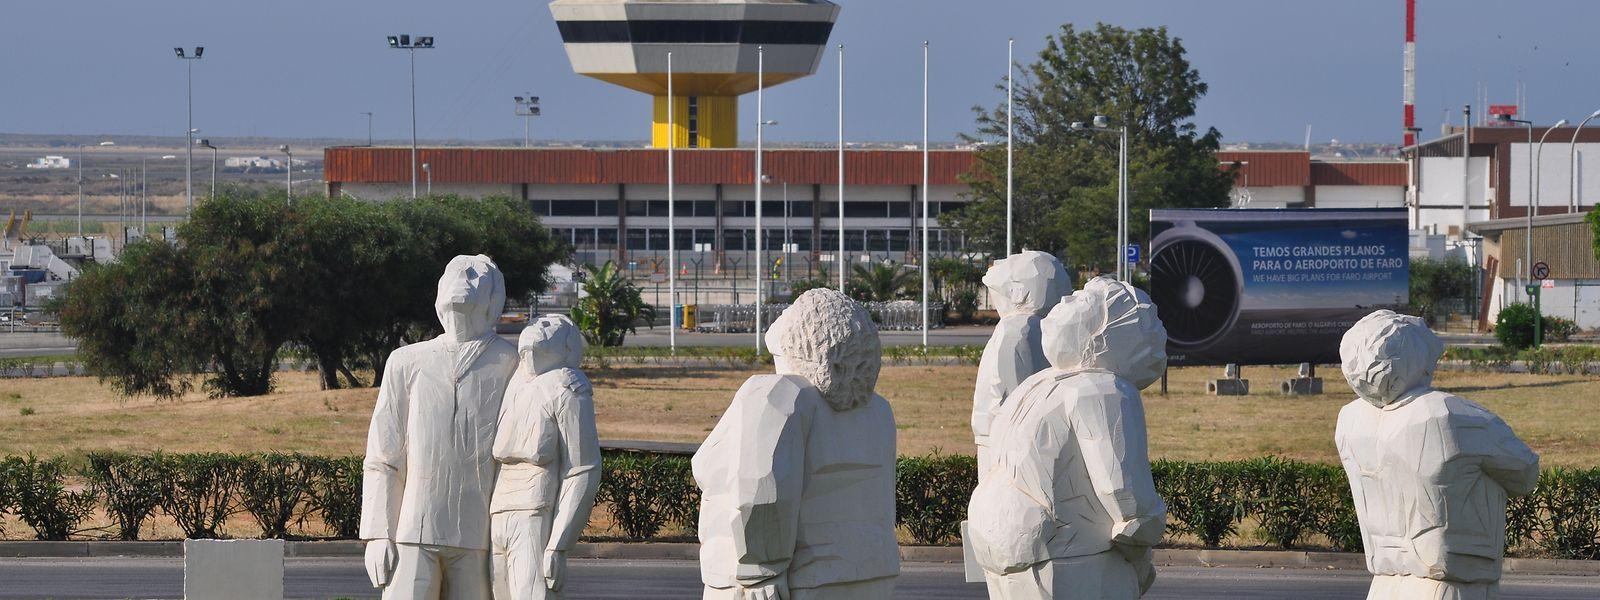 Les statues aux abords de l'aéroport de Faro vont retrouver les clients Luxair.